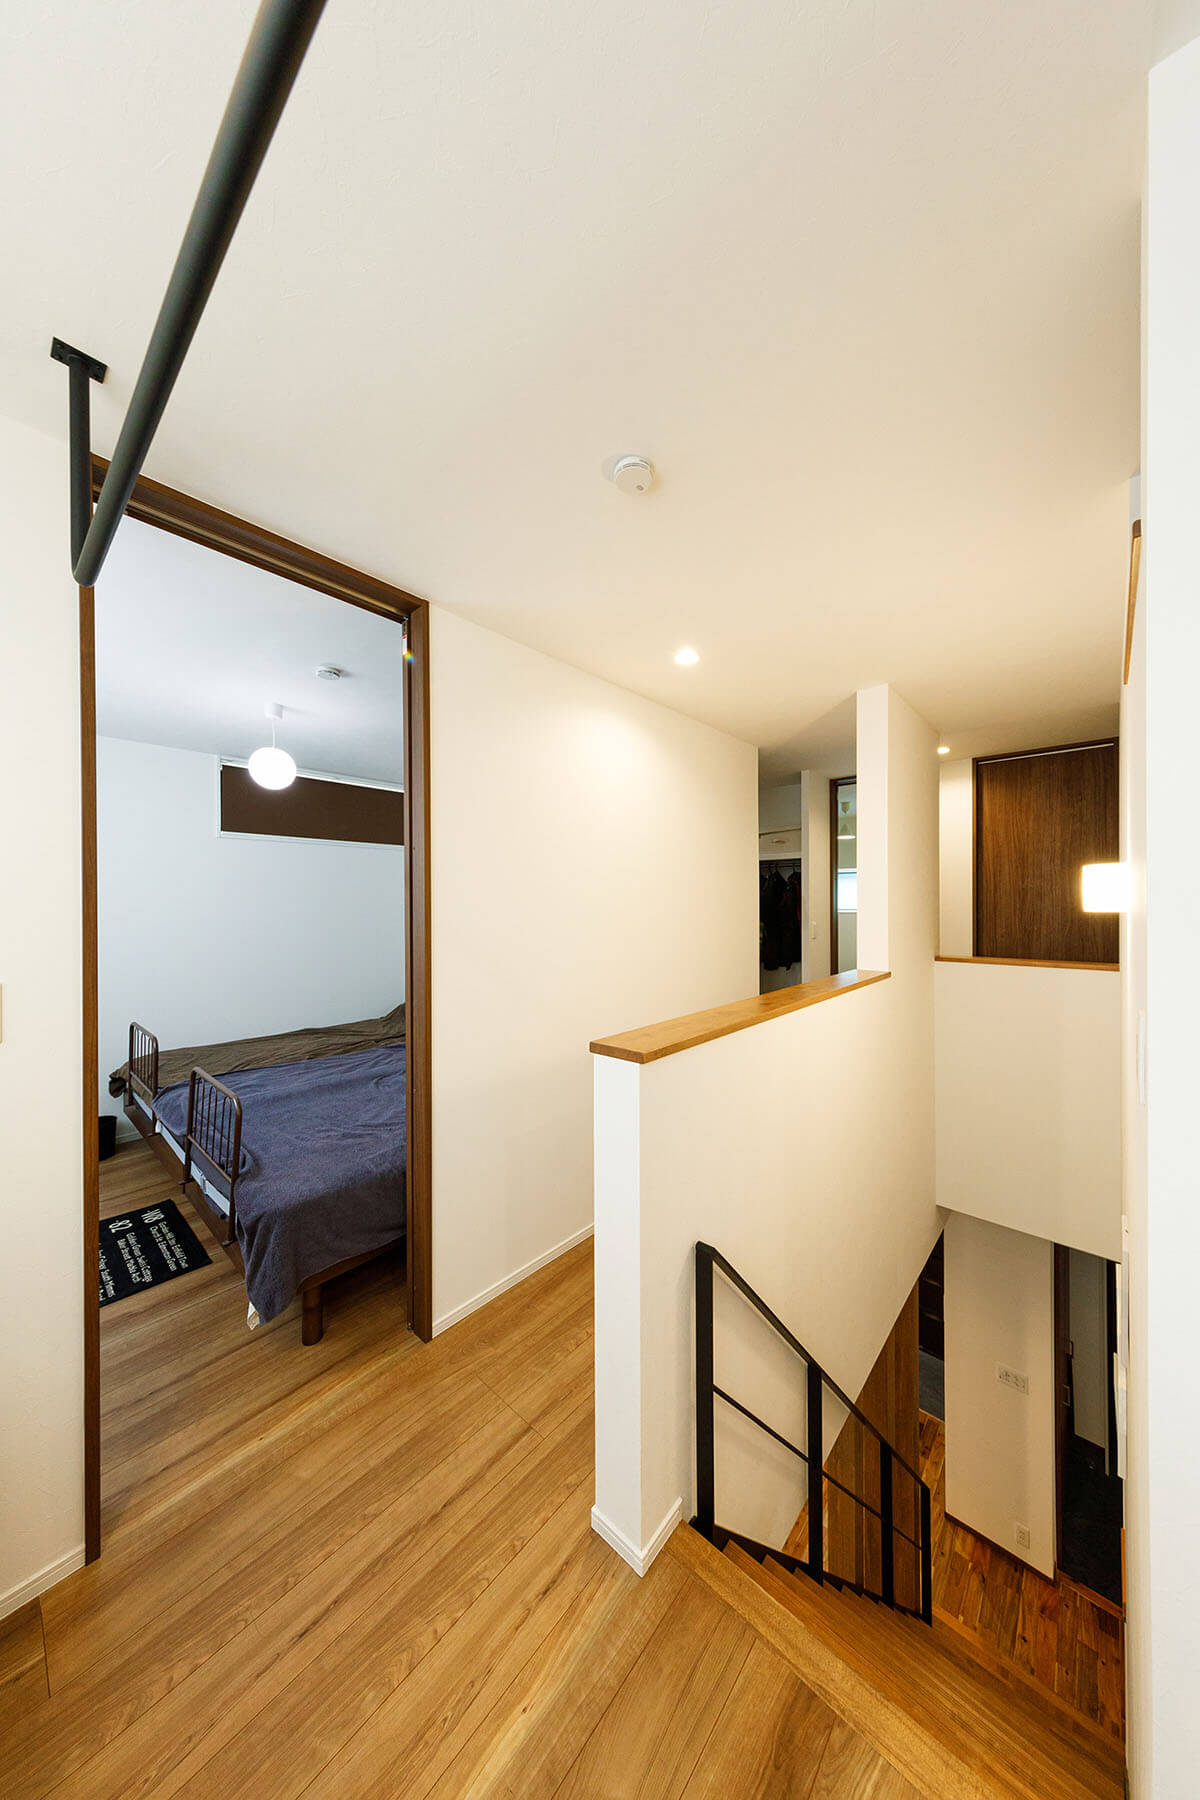 階段のすぐ脇が寝室になっています。階段の先は玄関なので、夜仕事から帰宅後は、そのまま2階まで上がり、写真の右側にある水まわりコーナーで手洗いや入浴を行い、左の寝室へ行き就寝することができます。